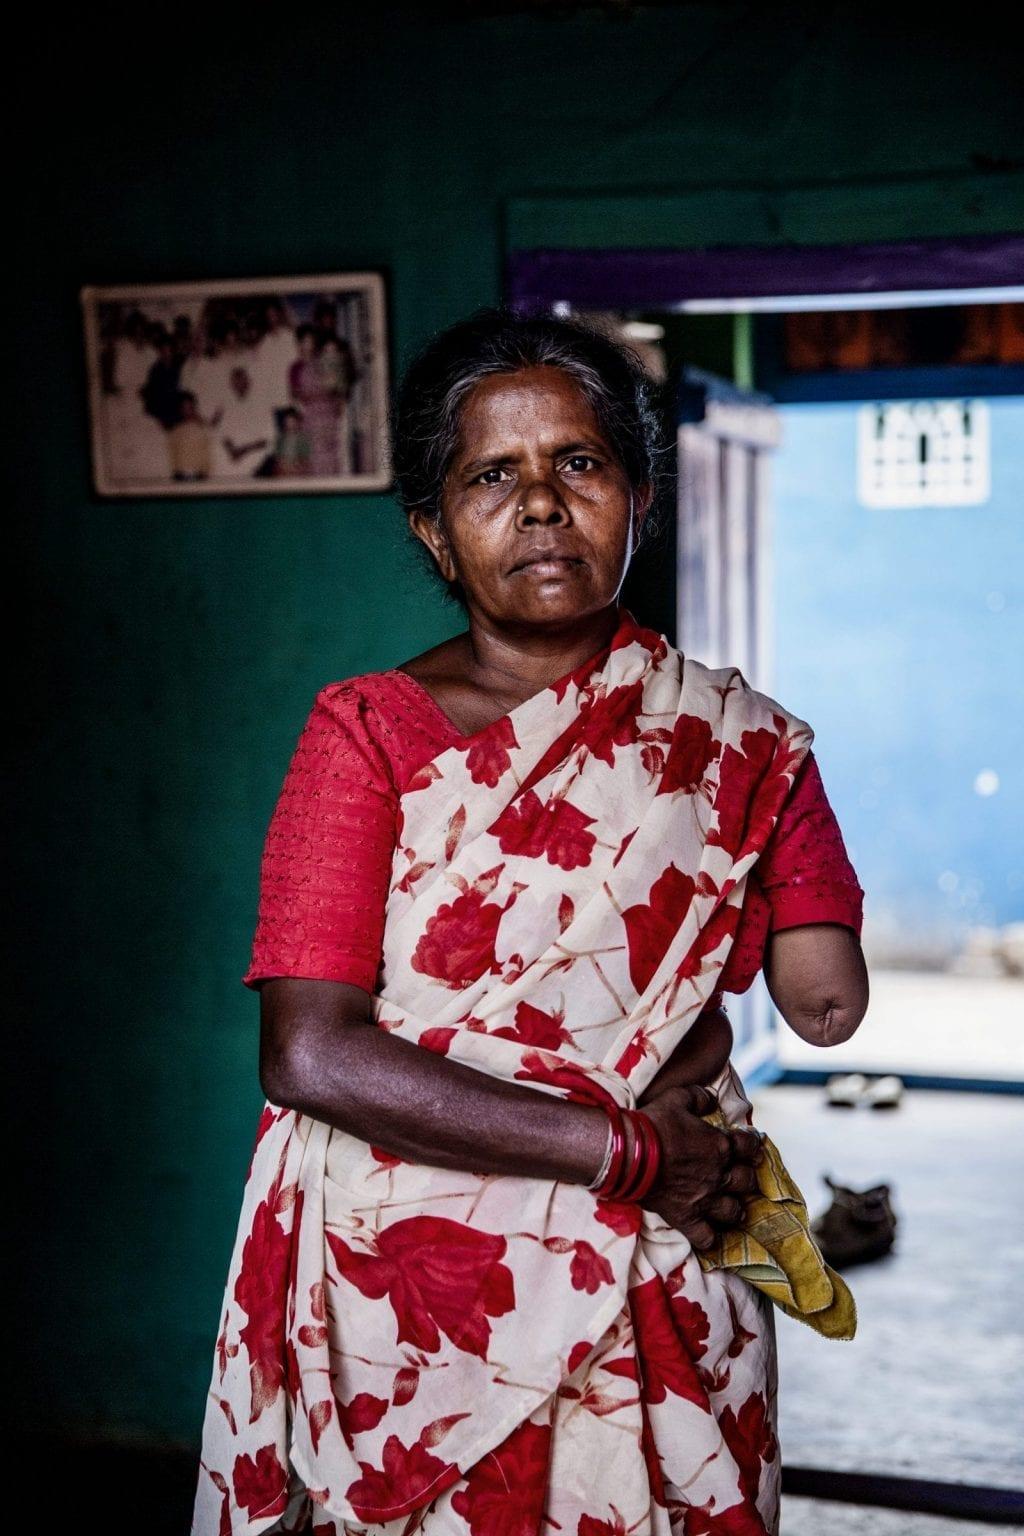 Kvinden her hedder Malar. Hun mistede sin arm i en arbejdsulykke på et garveri i Vaniyambadi for 10 år siden, da hendes arm kom i klemme i en maskine. Malar var i oplæring på garveriet, men nåede ikke at være der længe, før ulykken skete. Foto: Uffe Weng